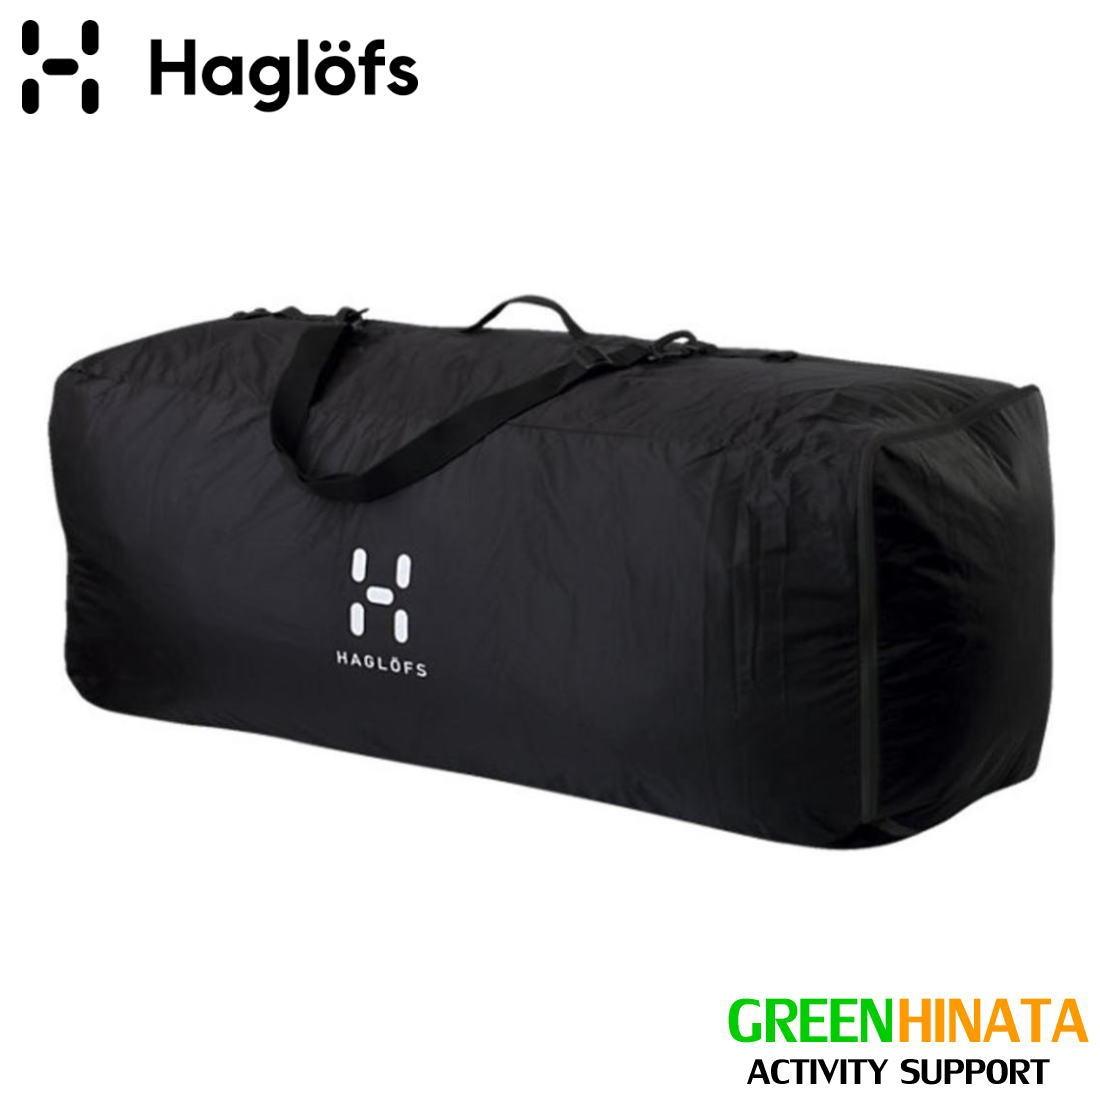 【国内正規品】 ホグロフス フライトバック ポーチ HOGLOFS FLIGHT BAG True Black